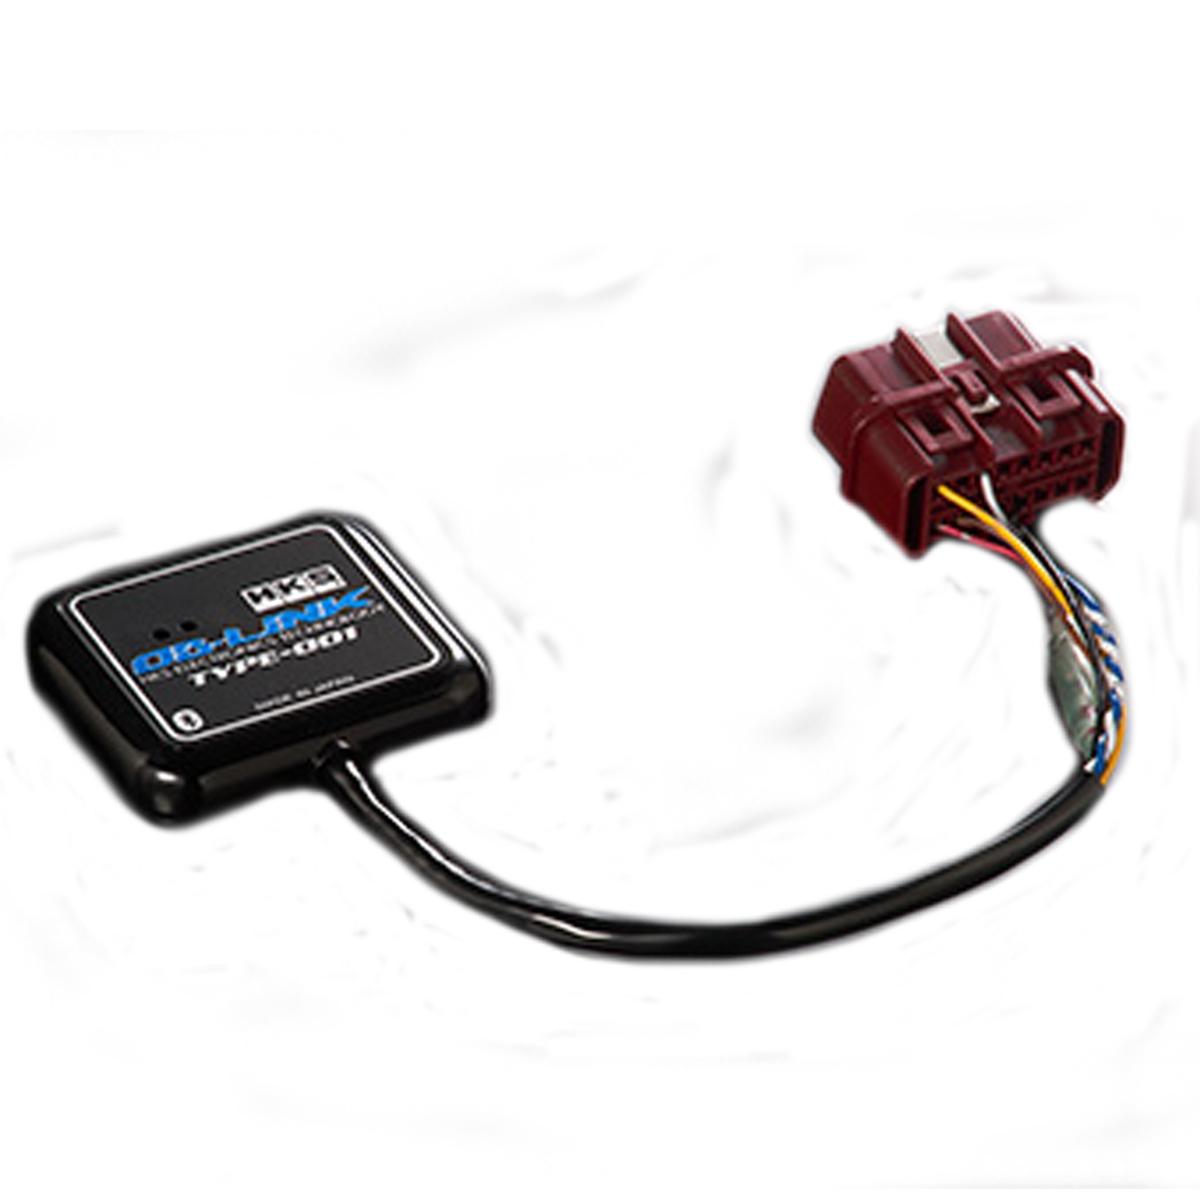 キューブ モニター OBリンク タイプ 001 YZ11 HKS 44009-AK002 エレクトリニクス